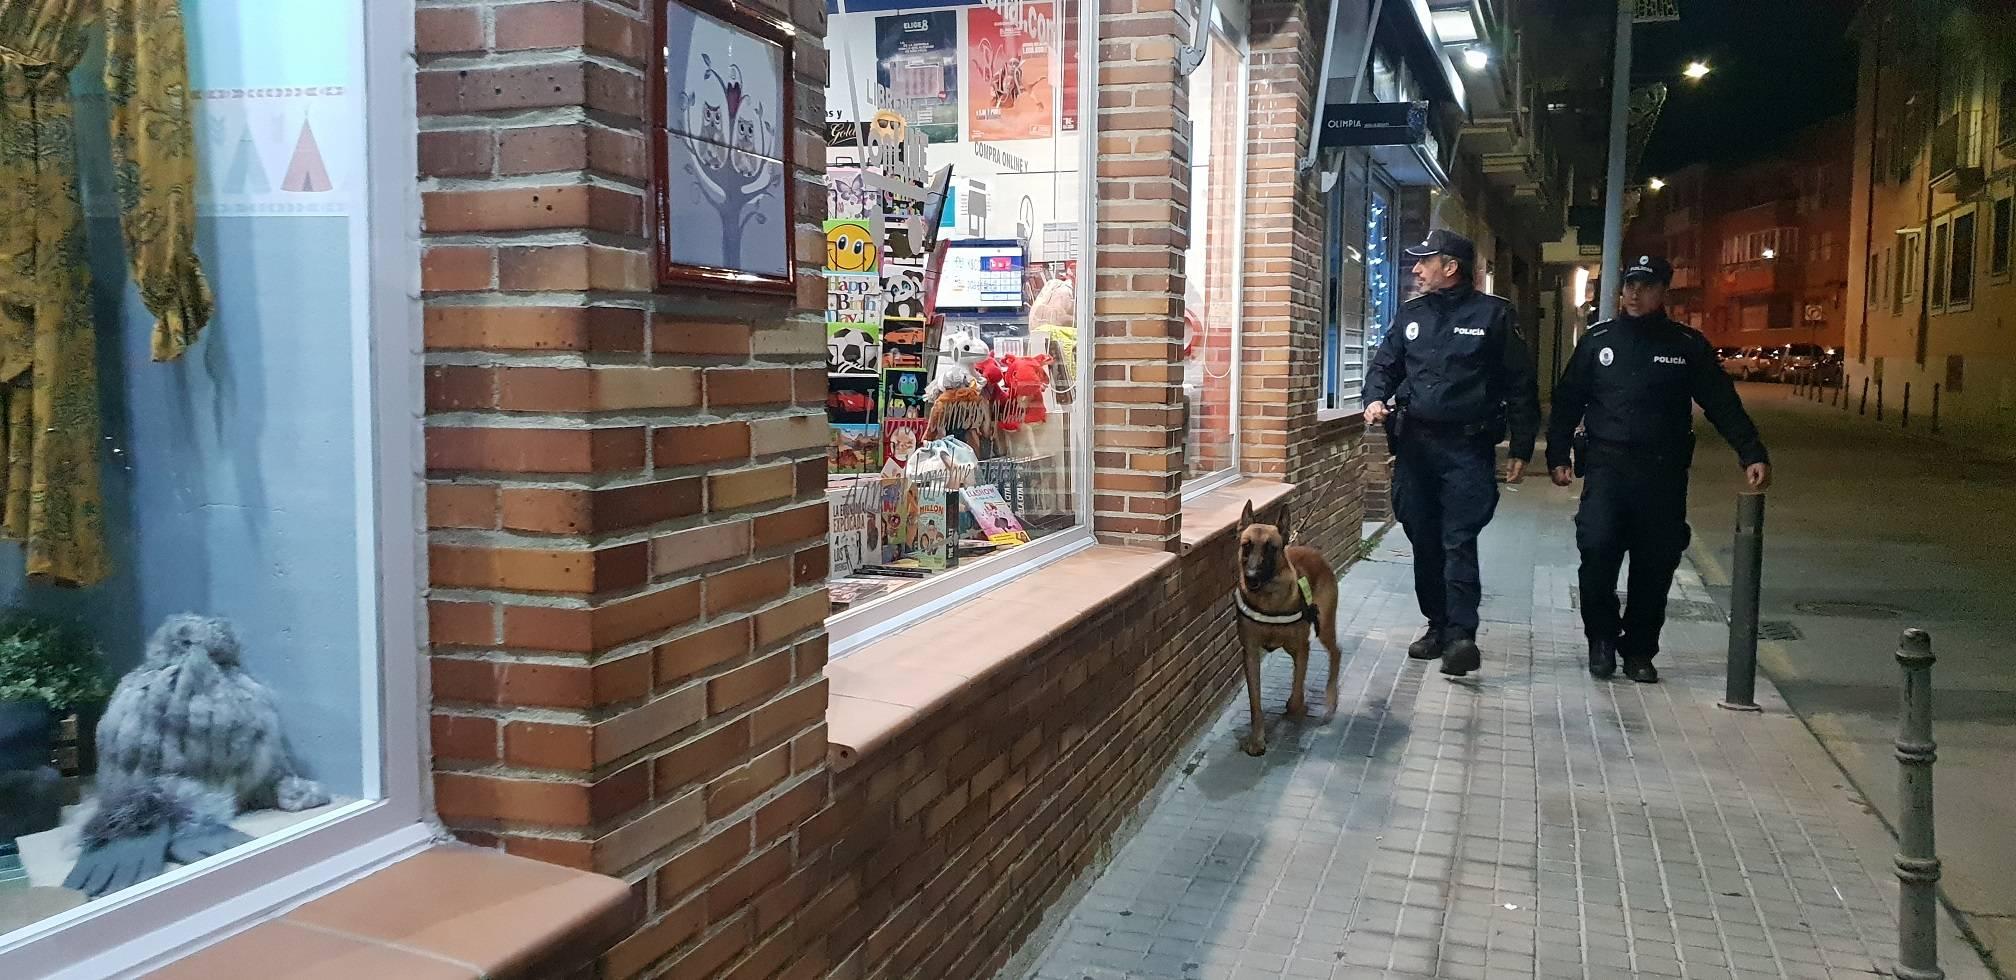 Dos policías frente a un escaparate villanovense.